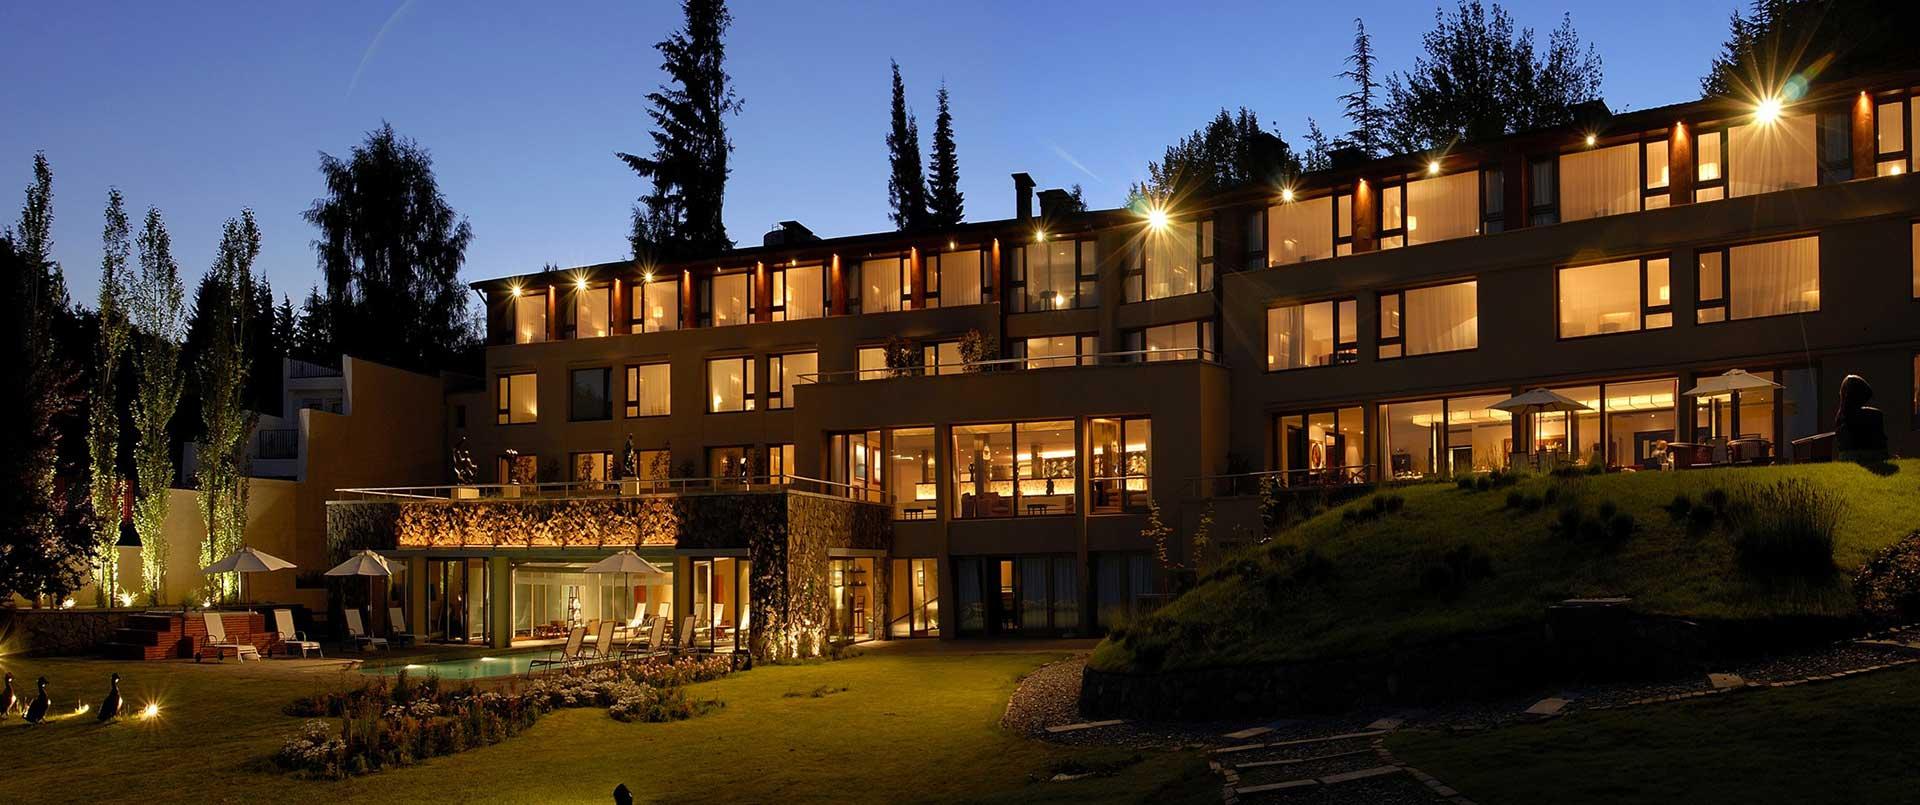 El Casco Art Hotel, Bariloche, Lake District